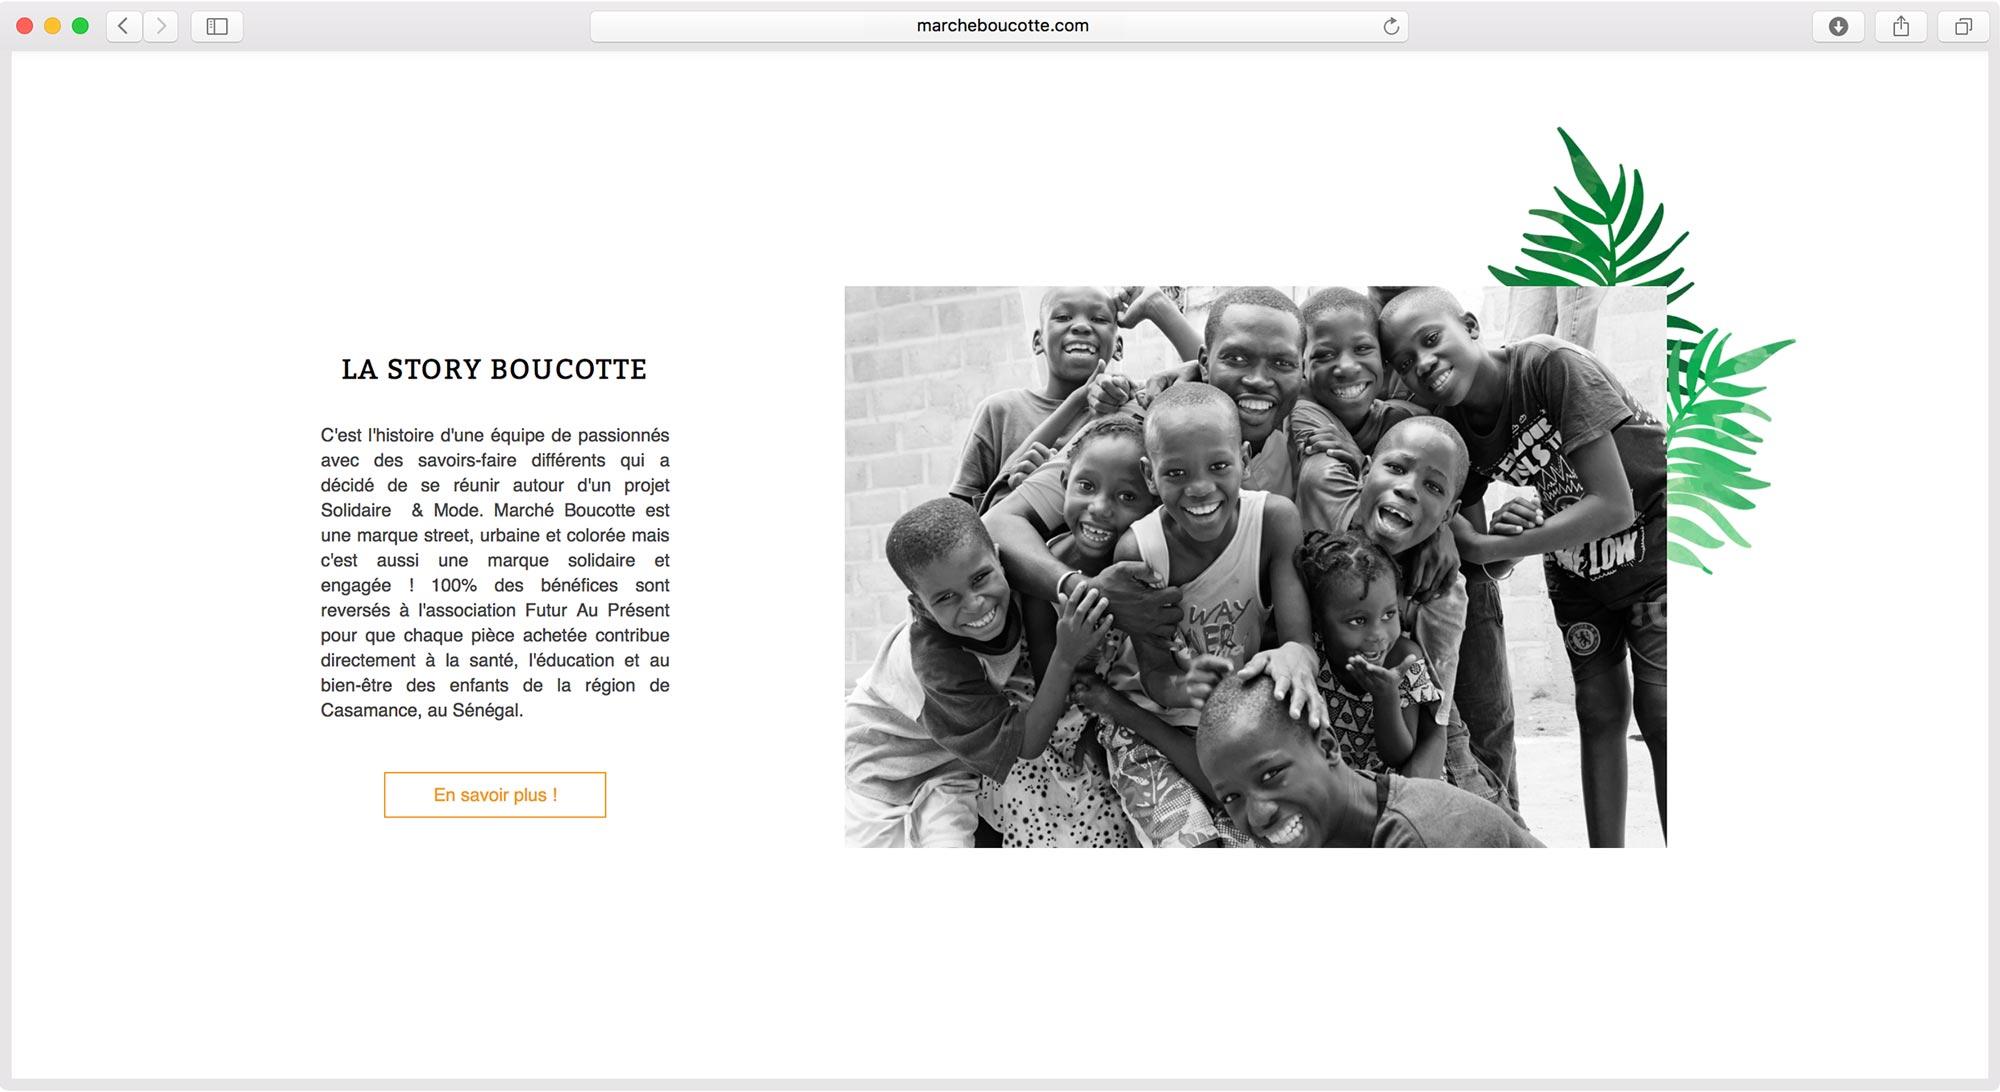 création de site web Eshop marque de vêtement Marché Boucotte